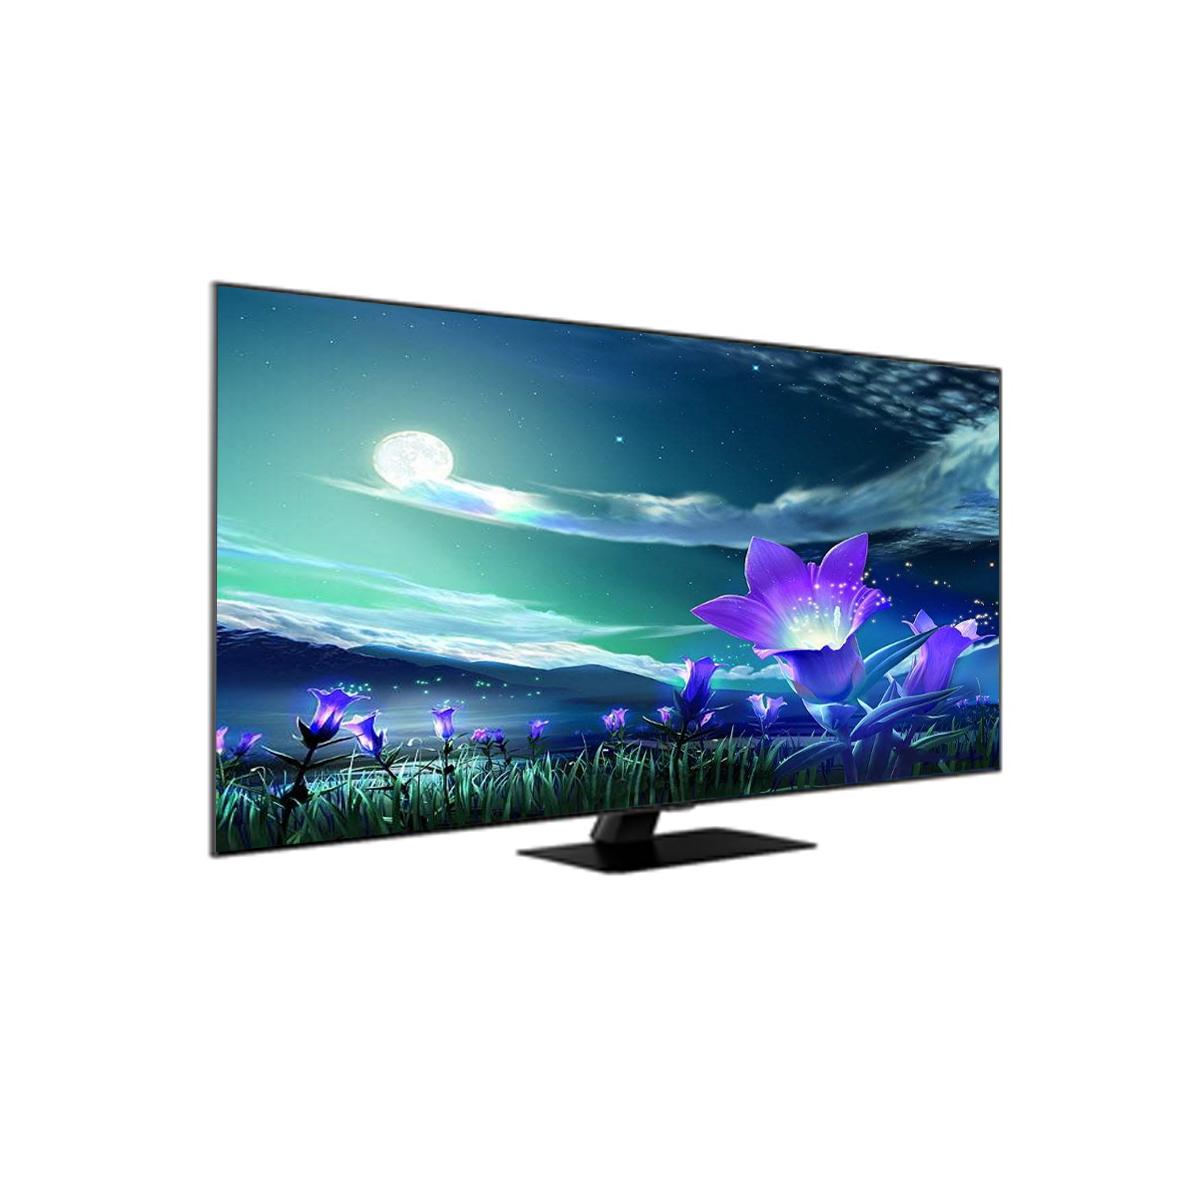 Qled Tivi Samsung 4K 75 Inch QA75Q80TA MẪU 2020